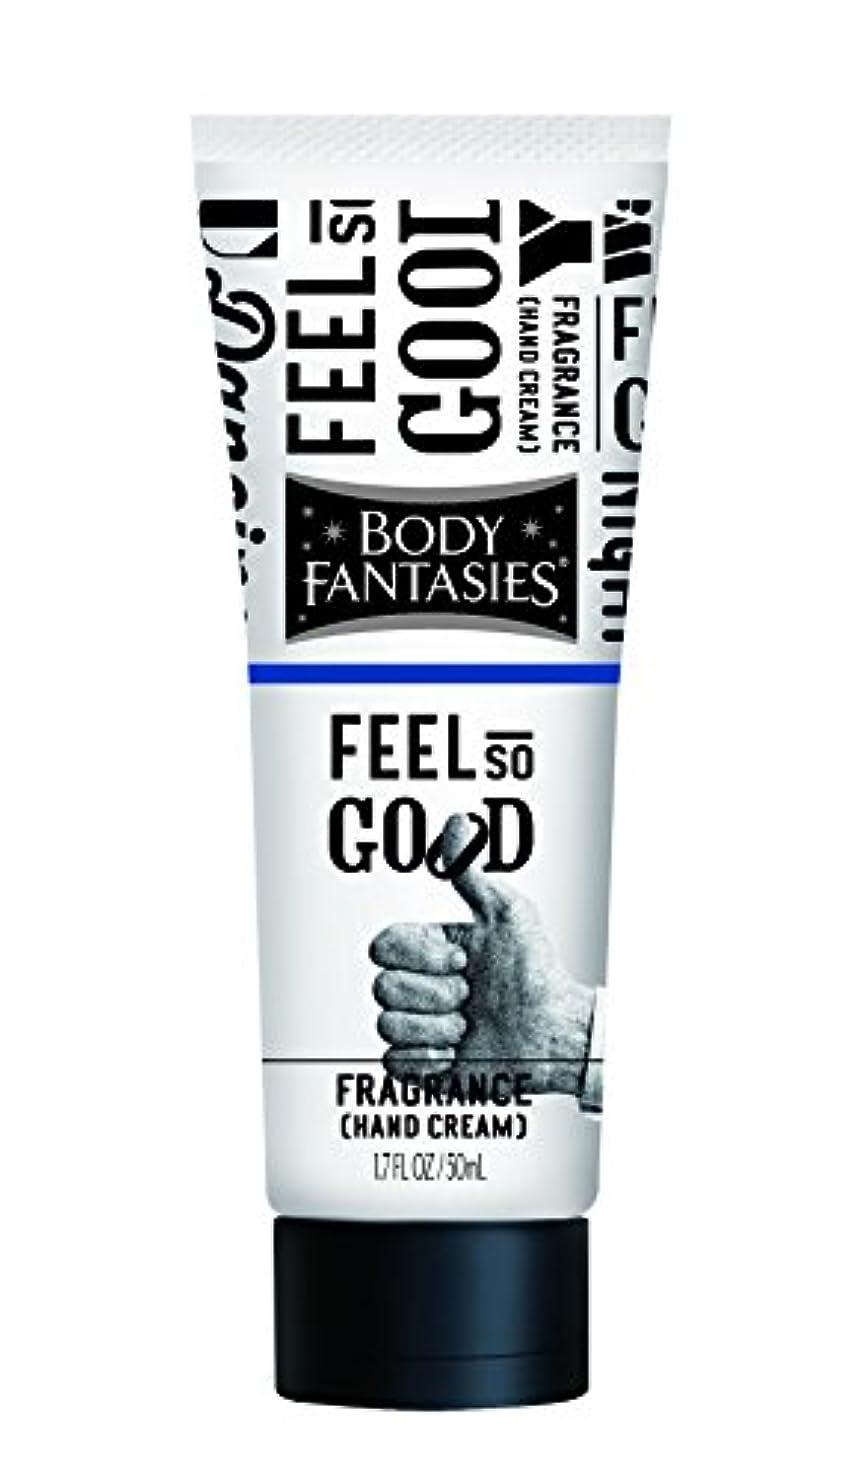 入浴地図呼び起こすボディファンタジー フレグランスハンドクリーム フィール ソー グッド FEEL SO GOOD 50ml